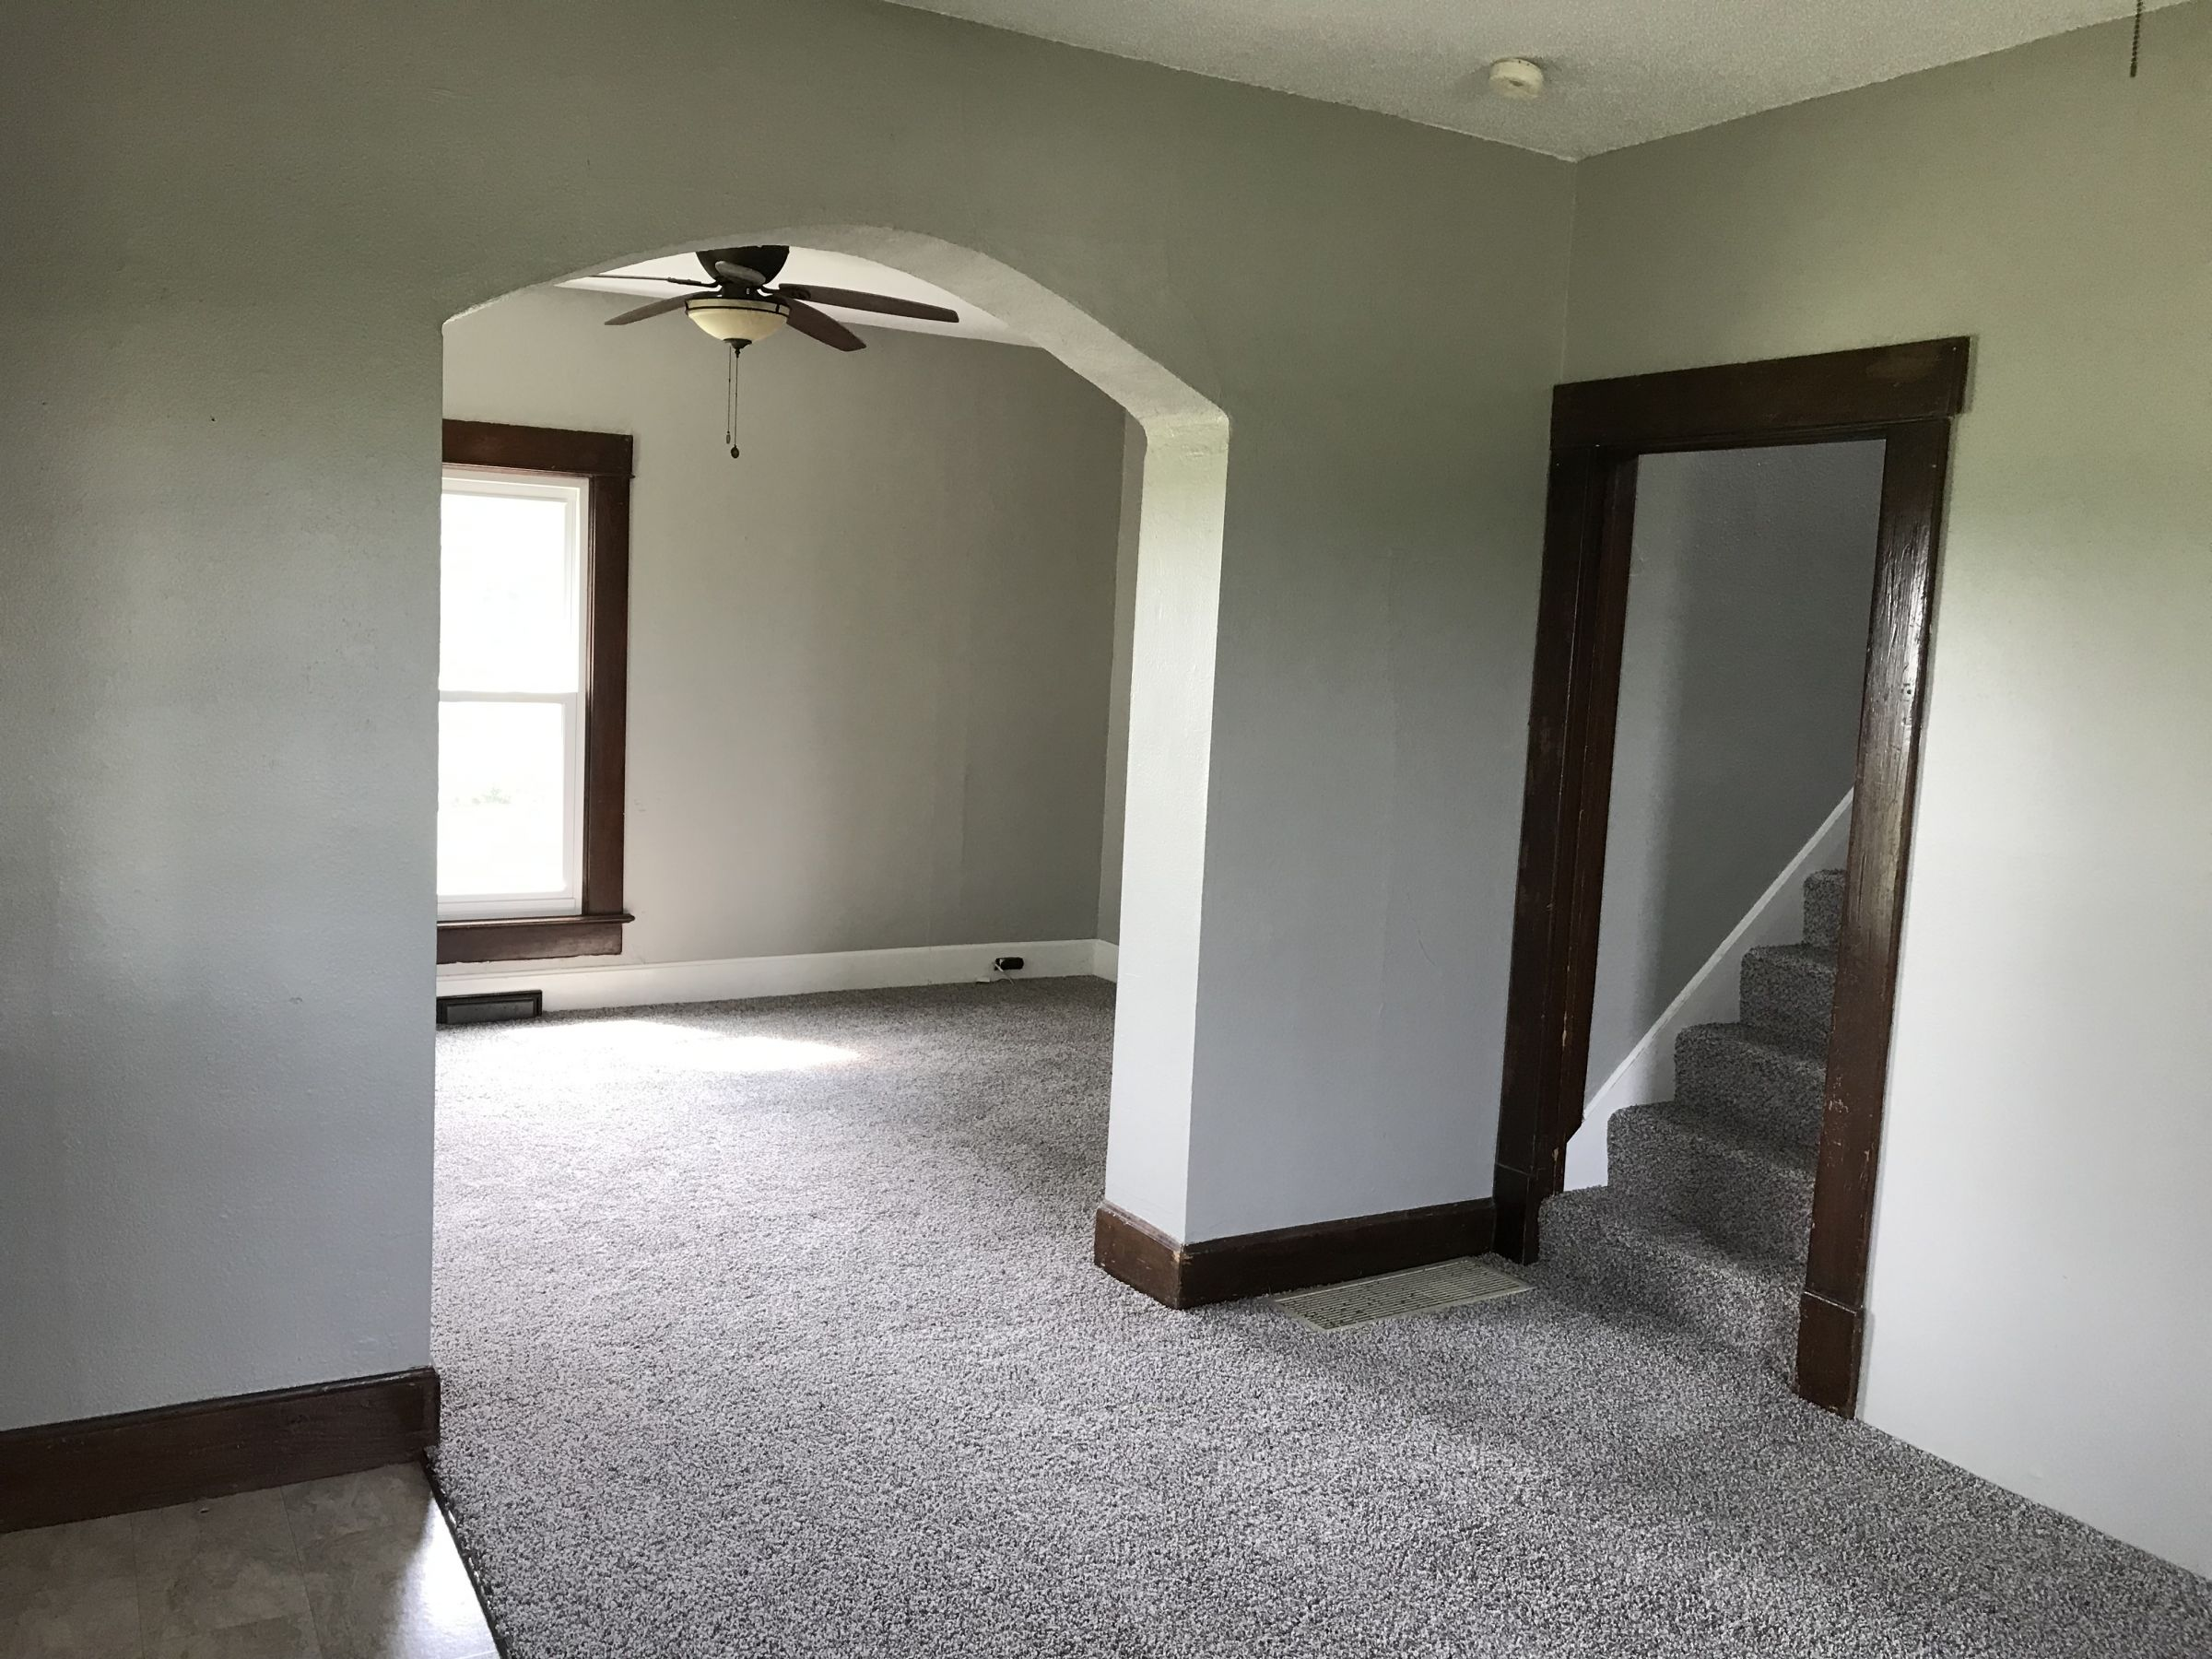 residential-adair-county-iowa-6-acres-listing-number-15664-5-2021-08-06-135457.jpg